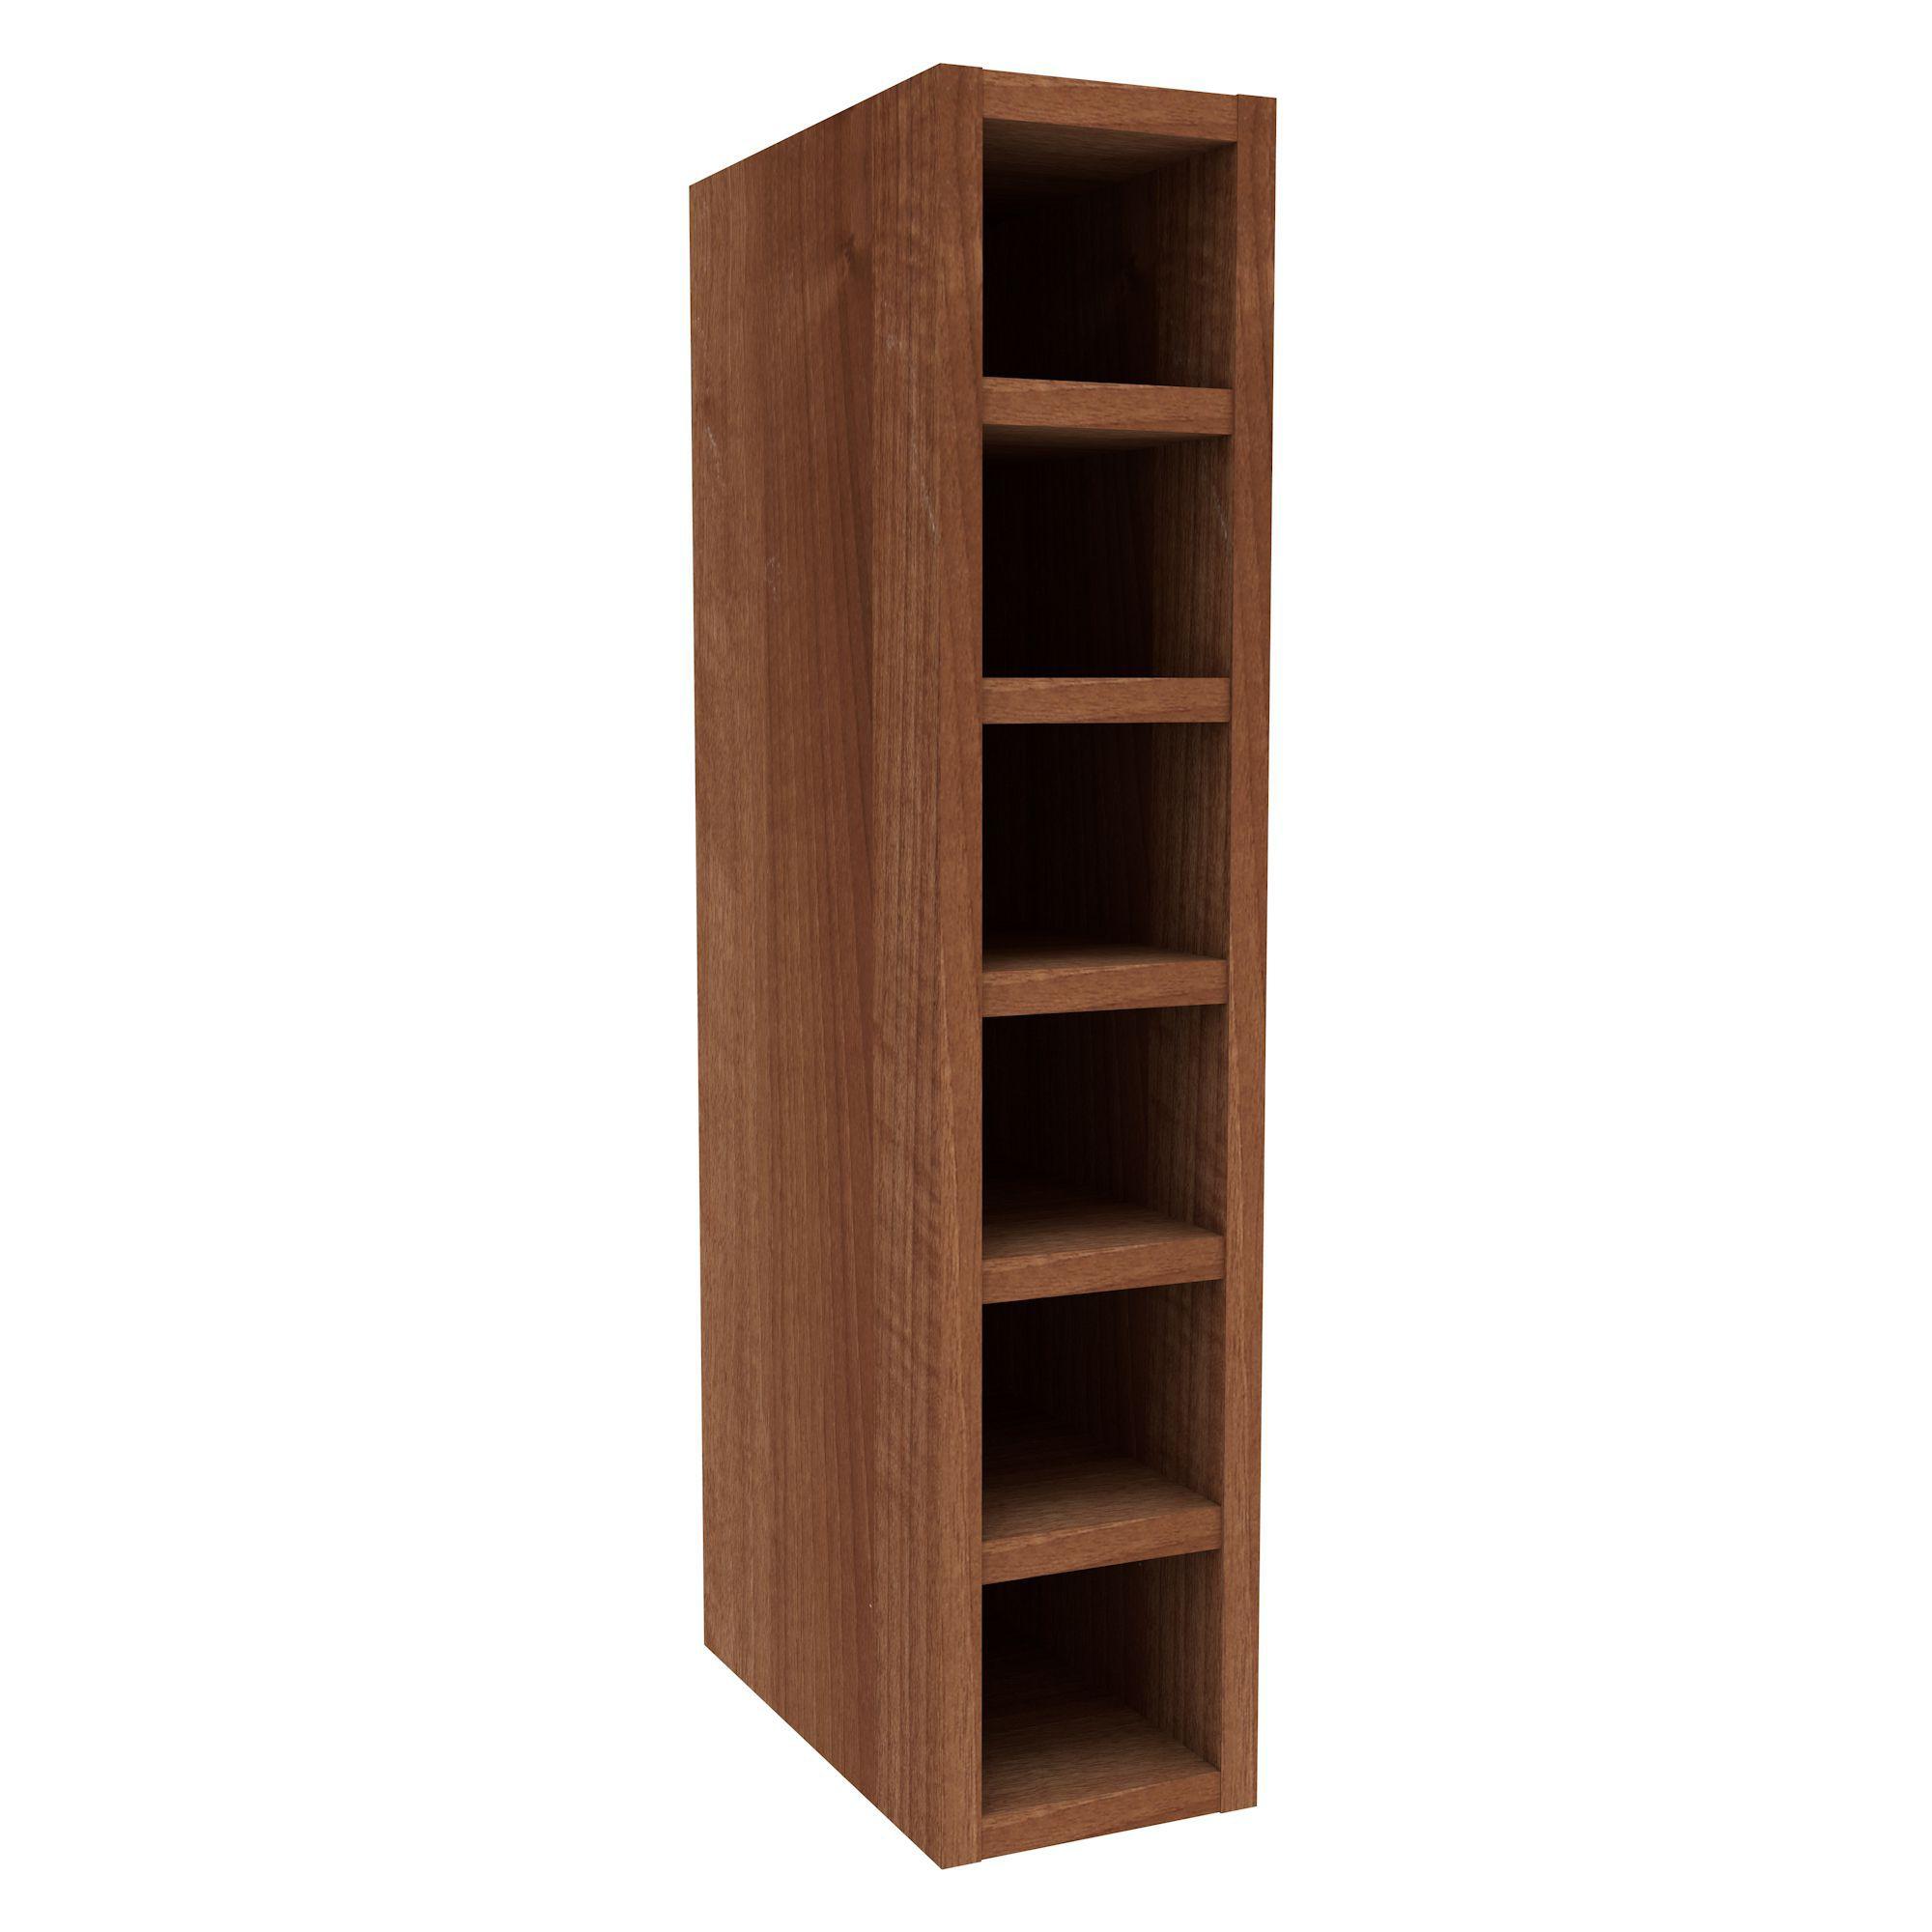 Cooke & Lewis Walnut Effect Wine Rack Wall Cabinet (w)150mm